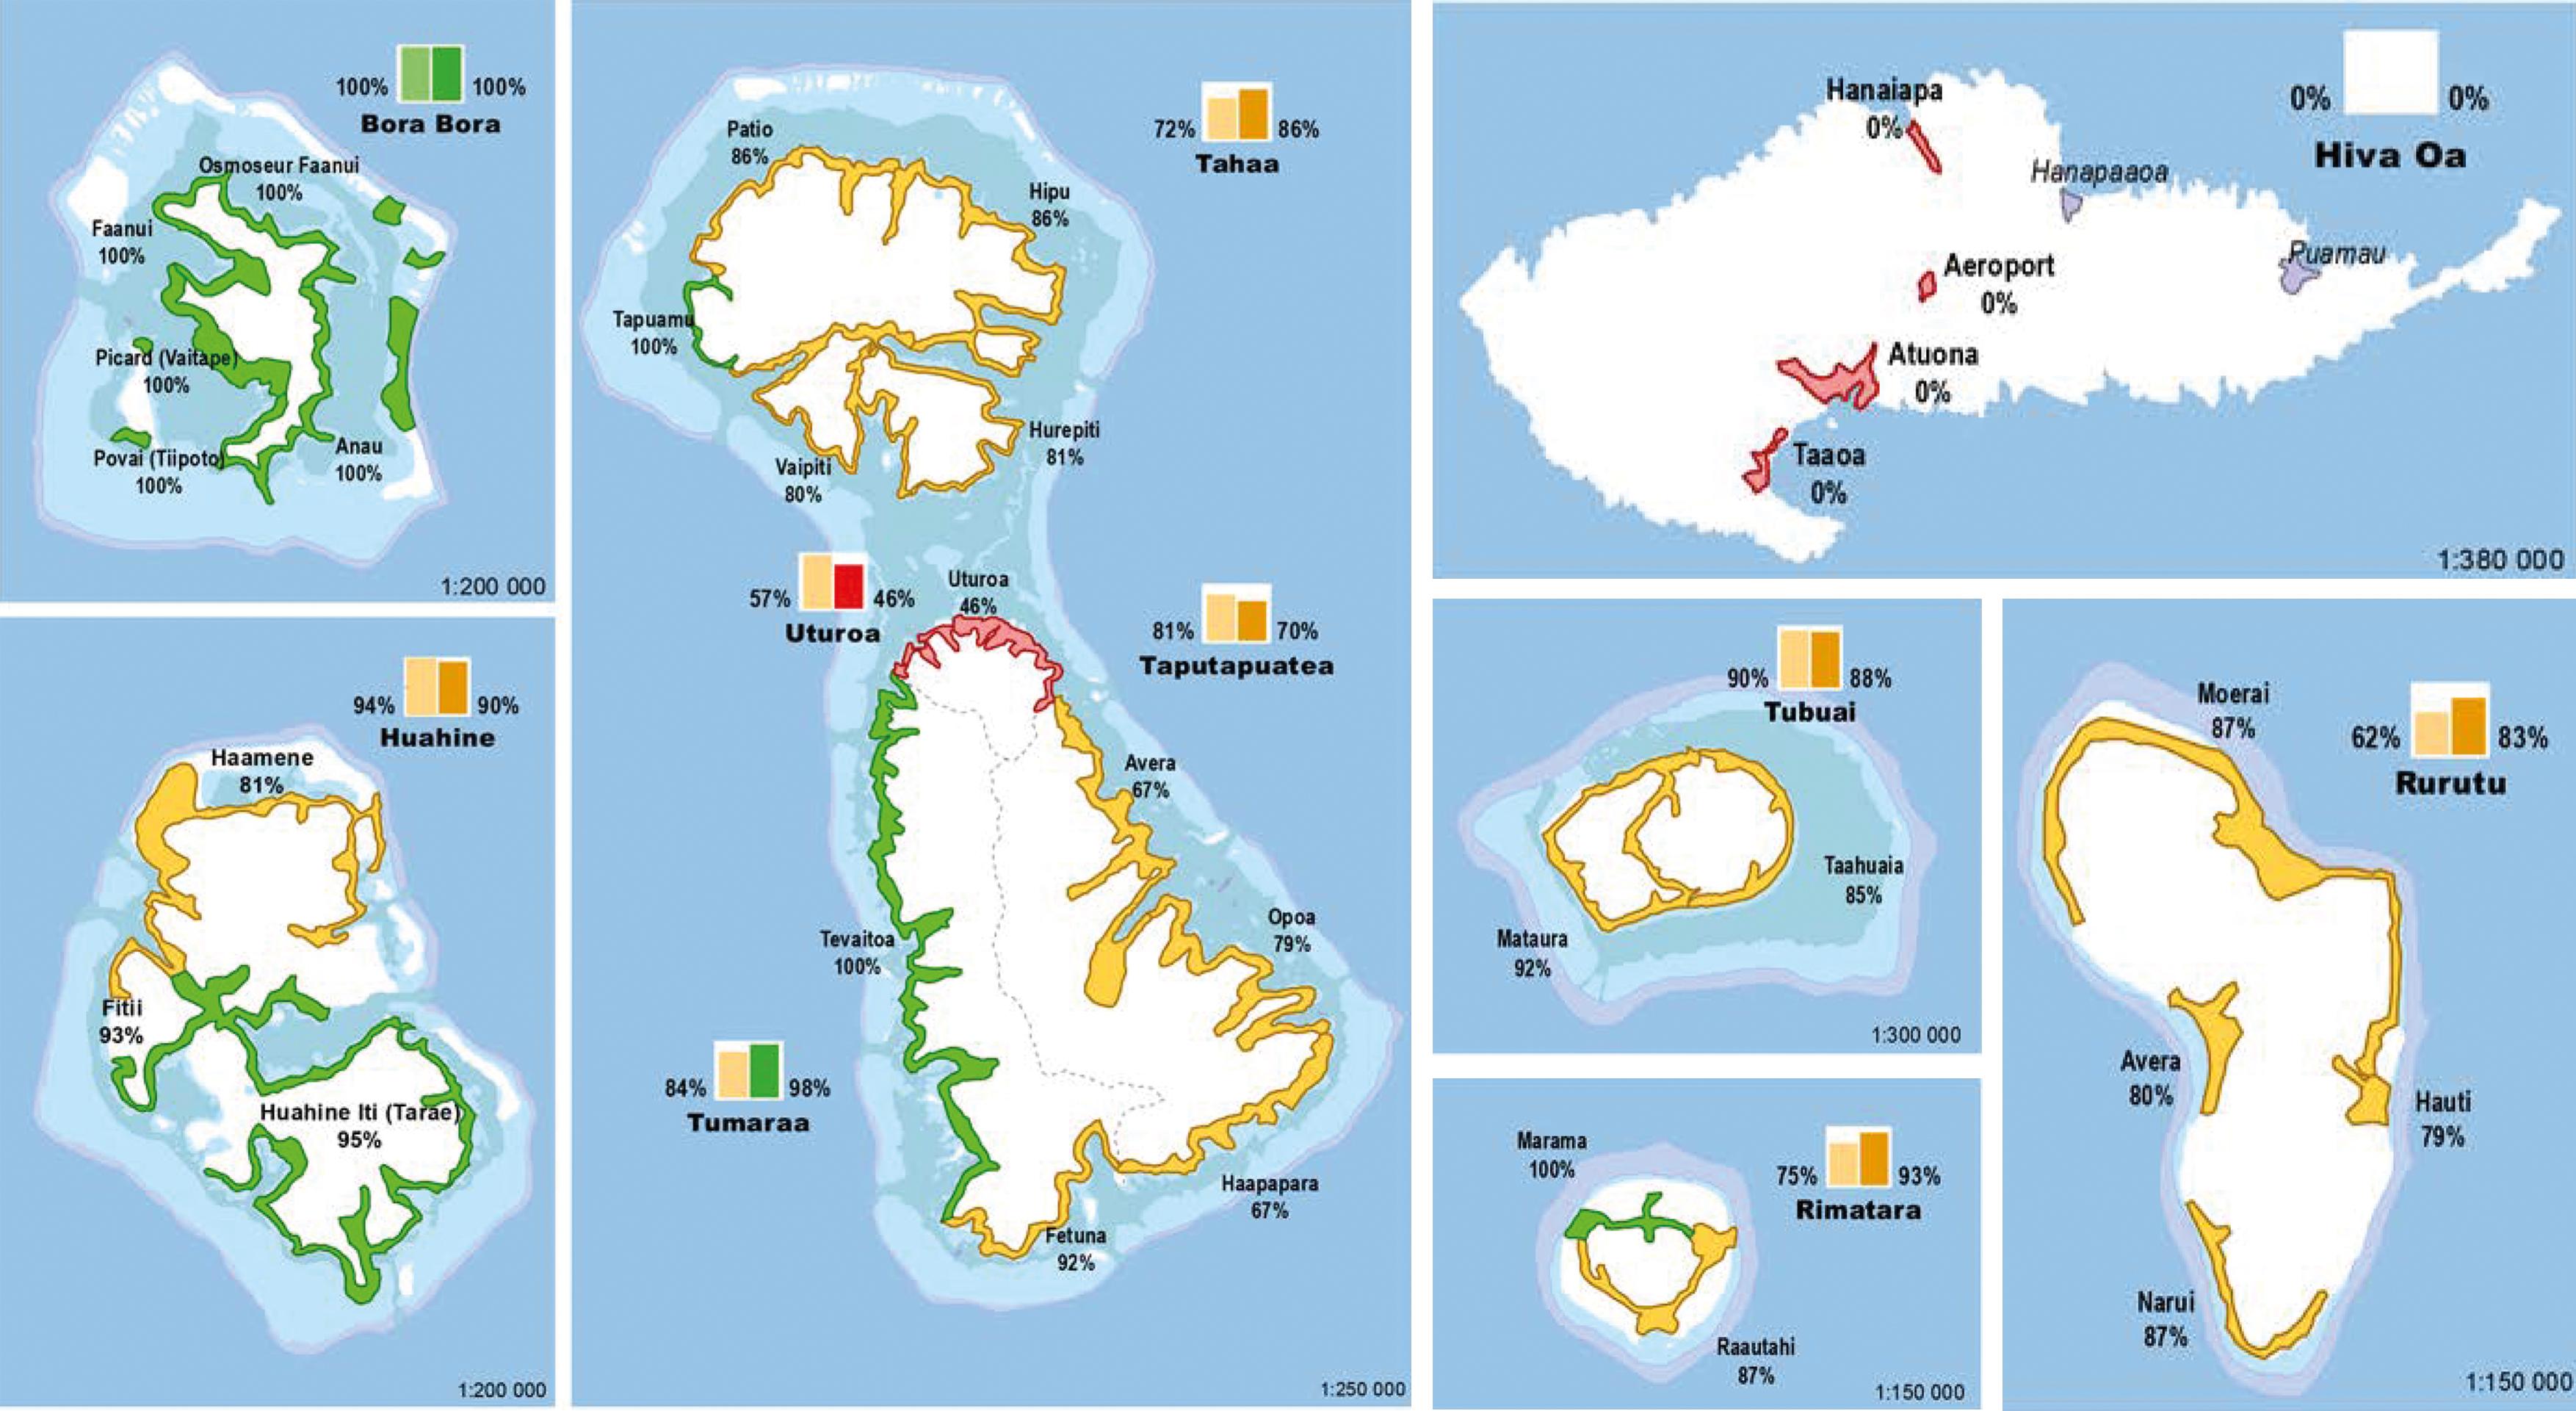 Eau de consommation : Bora Bora, bon élève des archipels